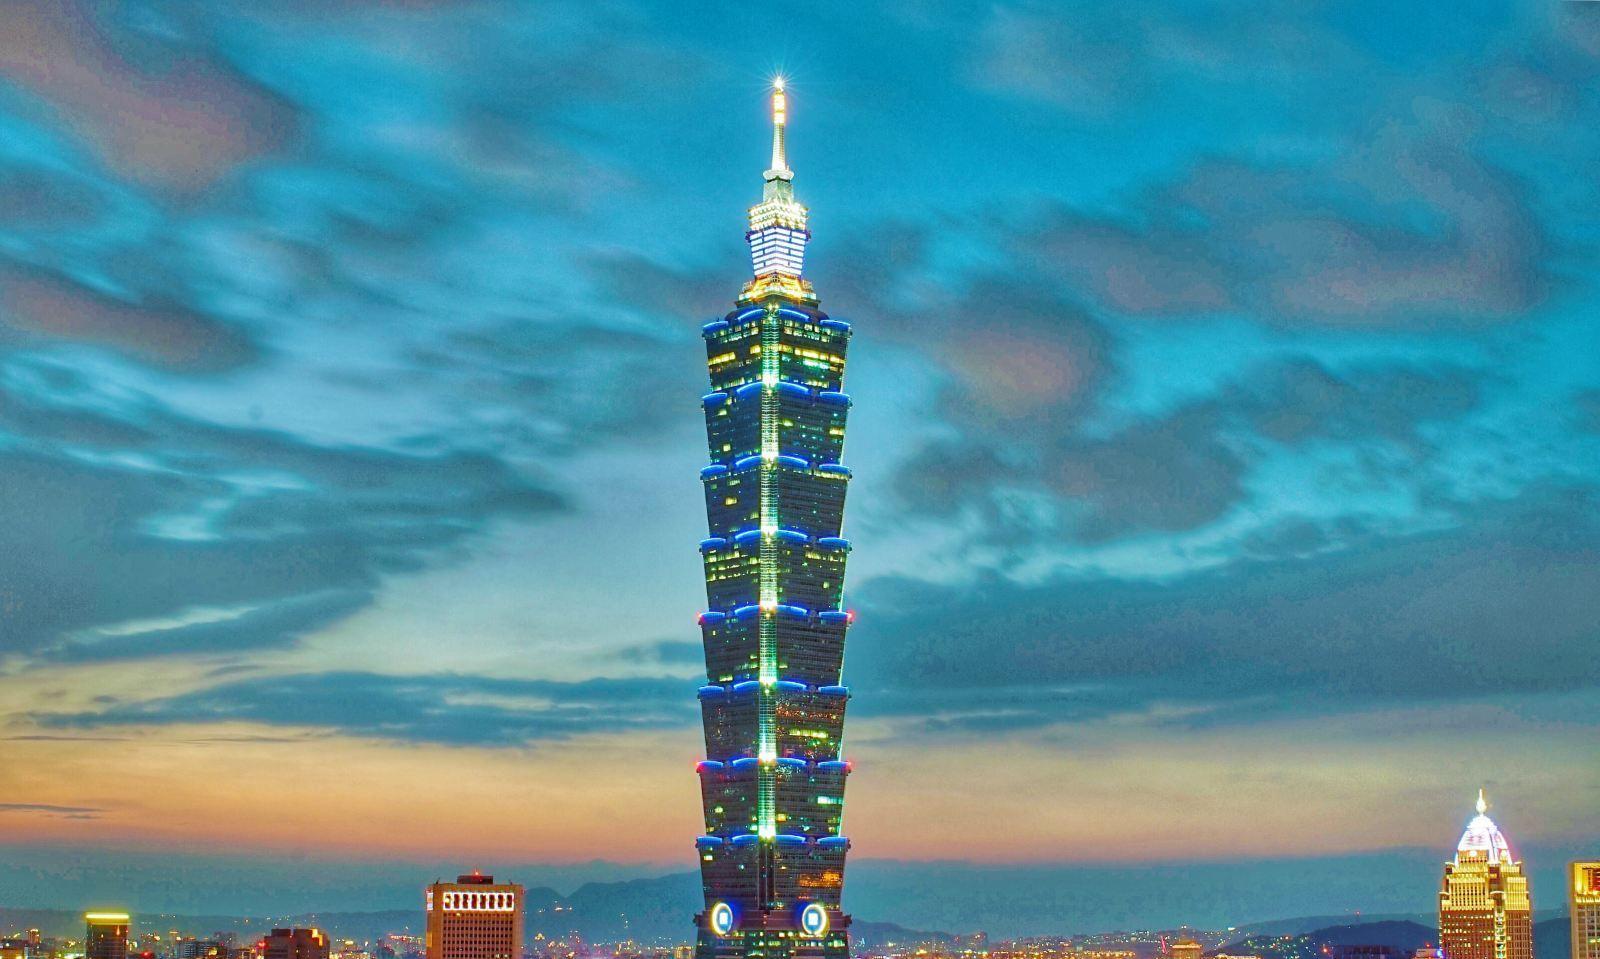 台北101大楼集办公观景台和购物中心于一体,是台北的标志性建筑